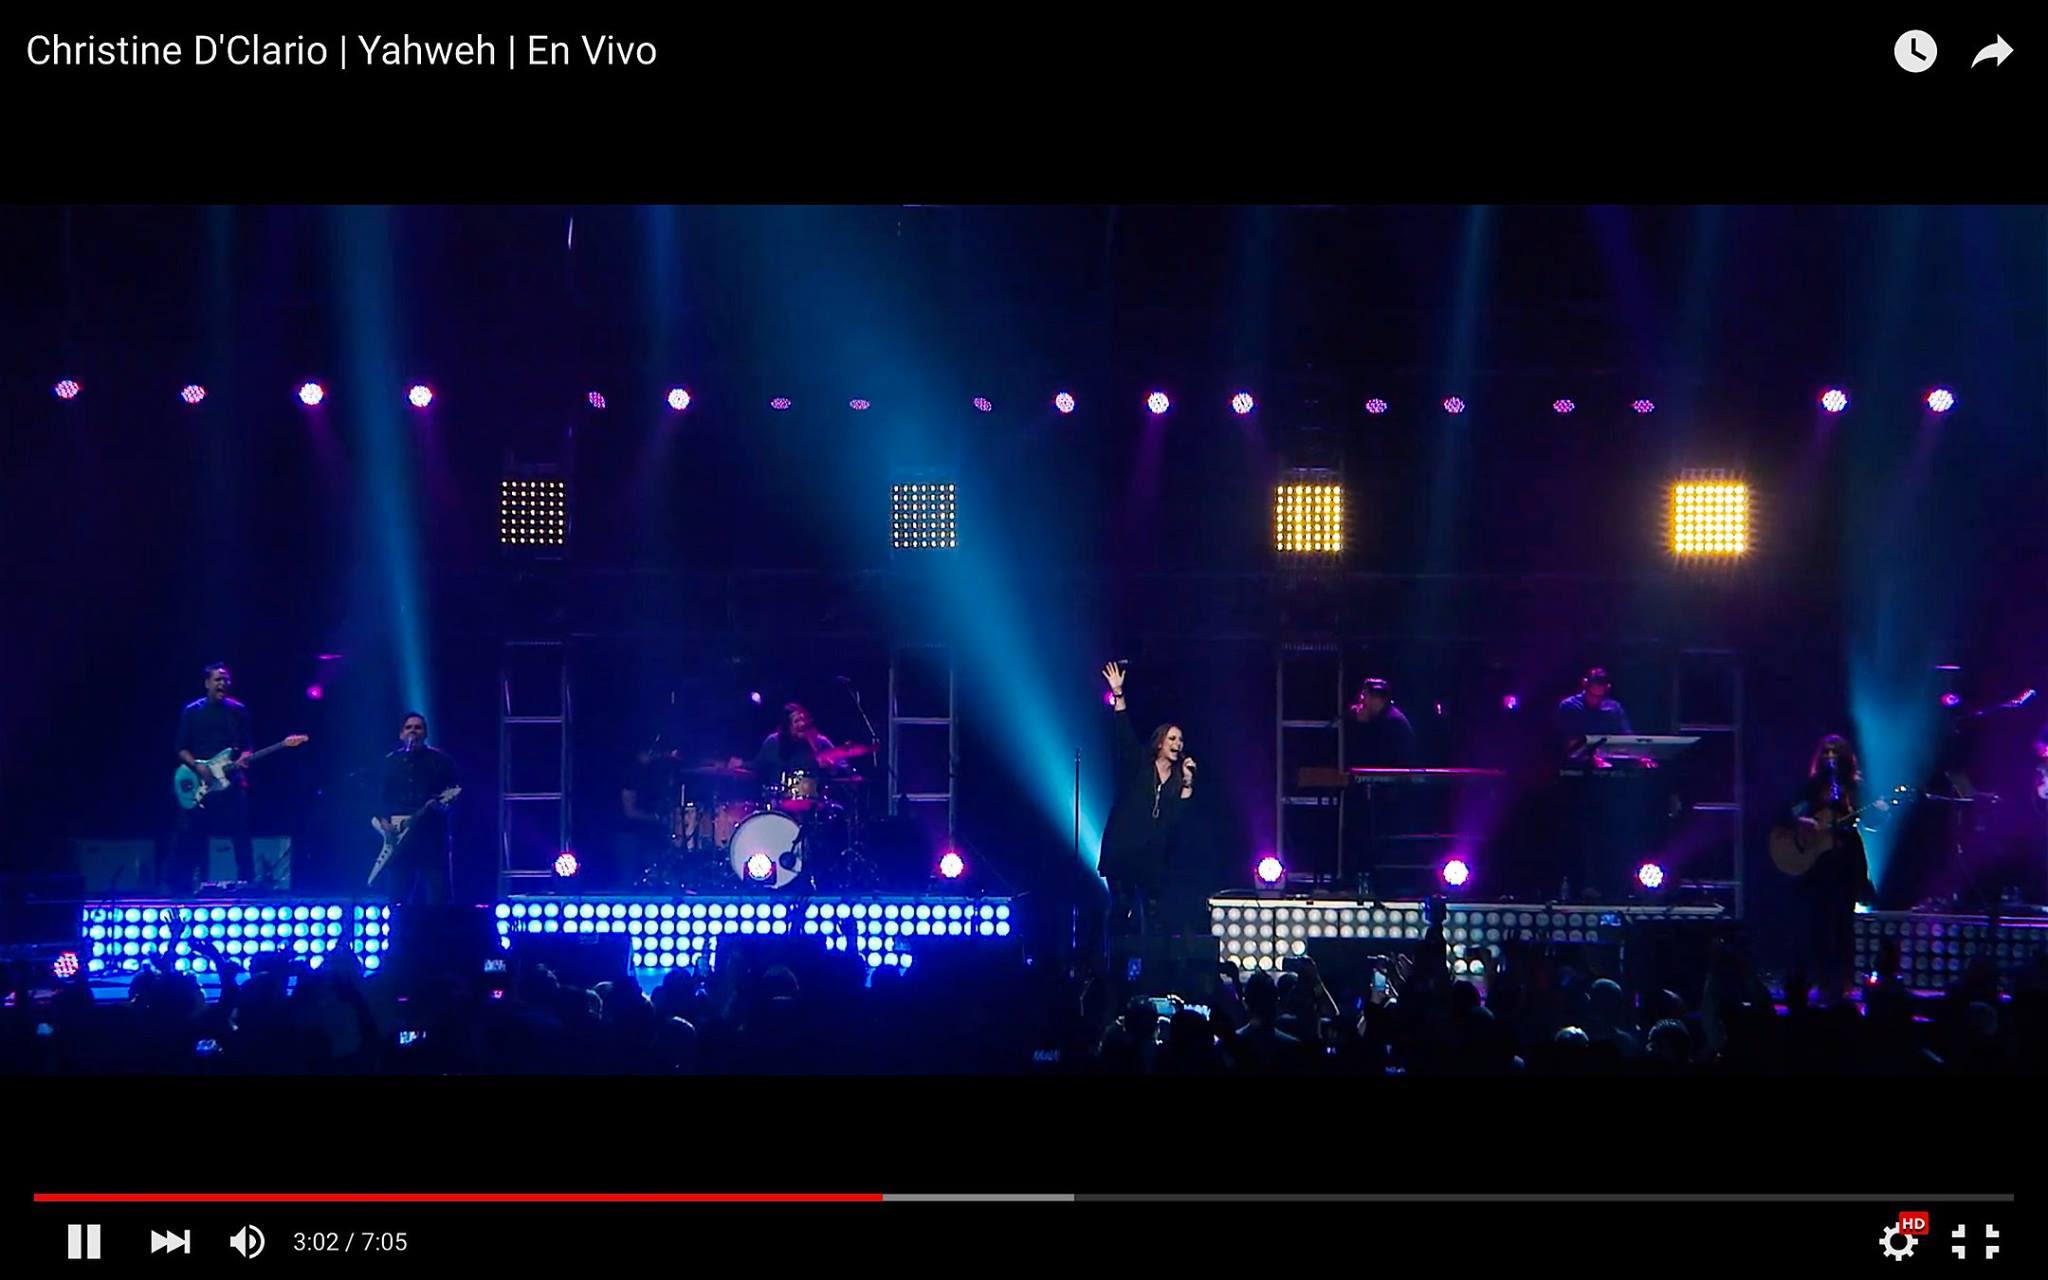 Christine D'Clario  lanza videos de  «Eterno Live» completamente gratis1